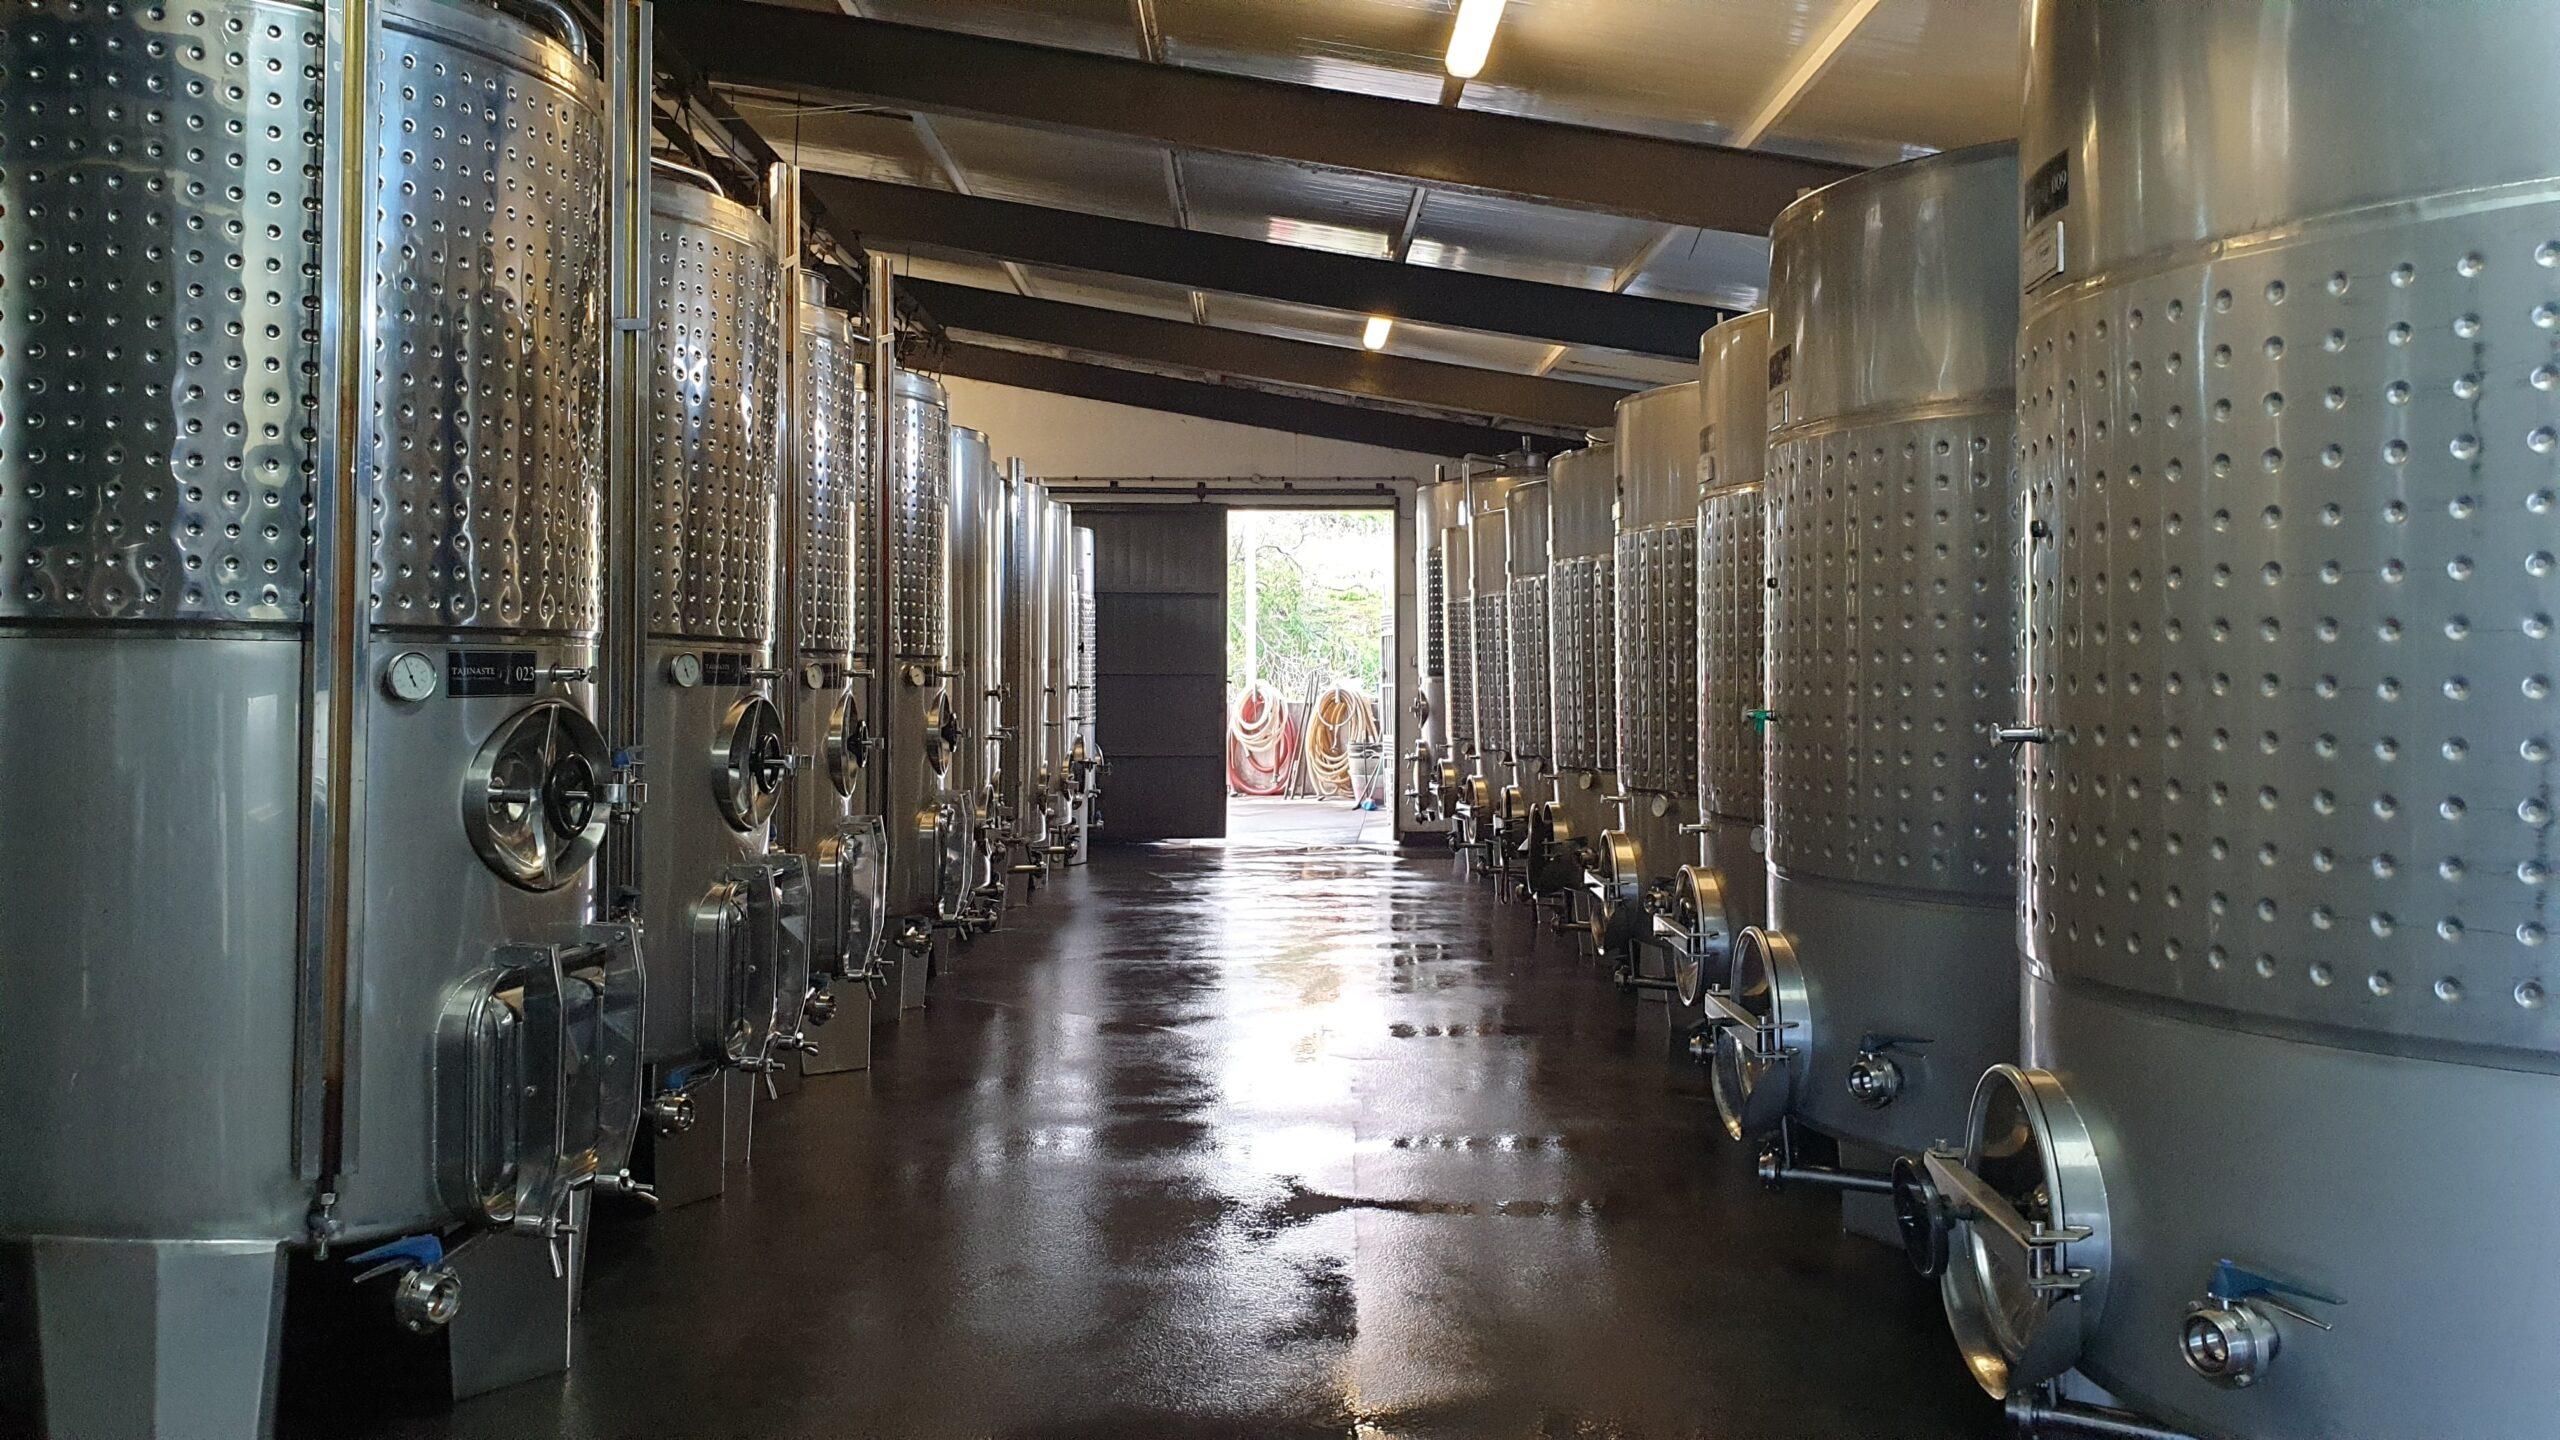 Nos adentramos en la Bodega Tajinaste para descubrir la importancia del vino en la historia de las islas y hacer una pequeña cata de vinos.